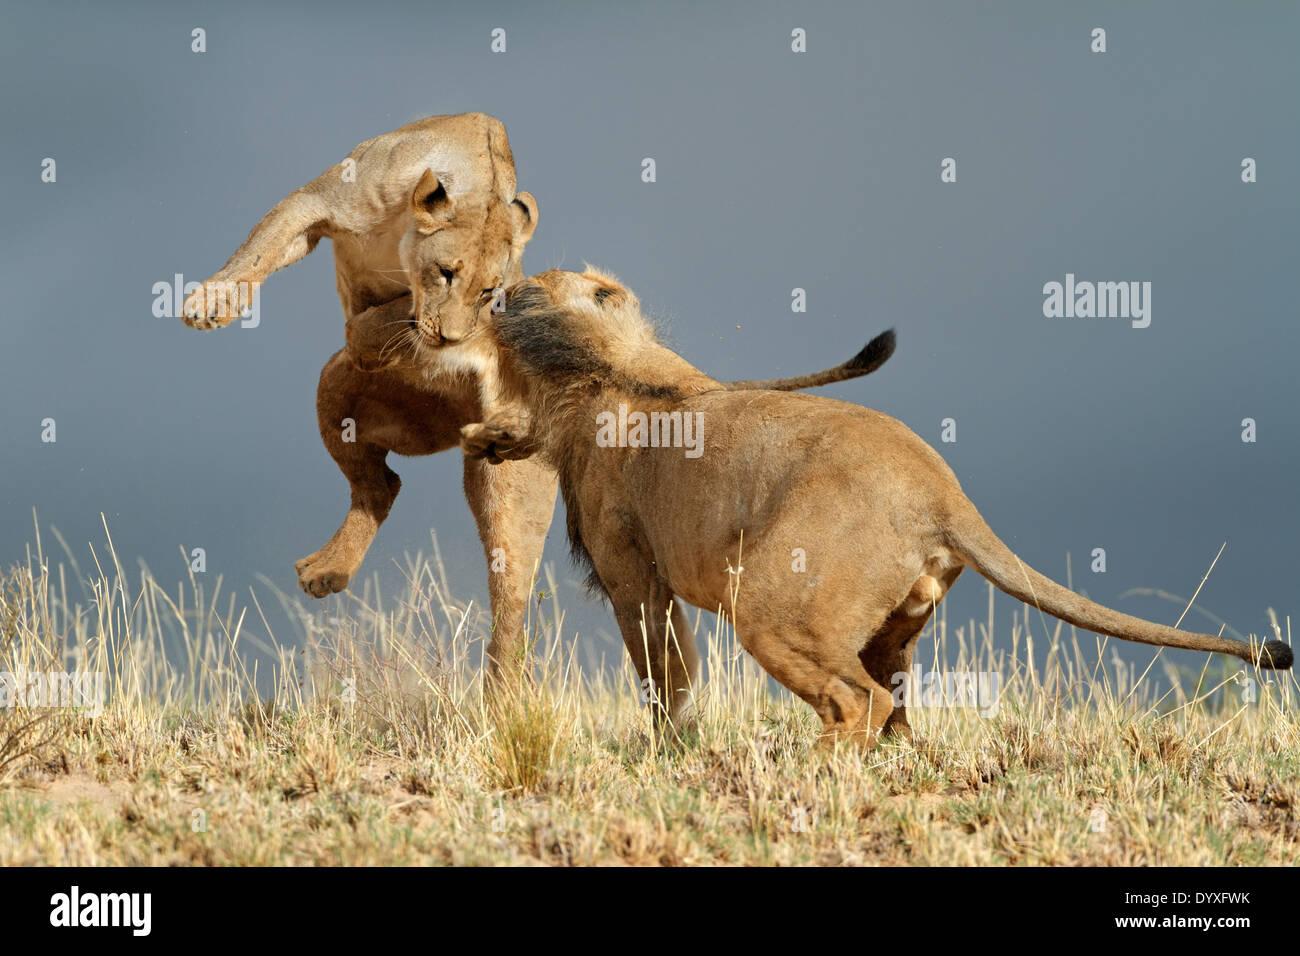 Jeune africain ludique des lions (Panthera leo), désert du Kalahari, Afrique du Sud Photo Stock